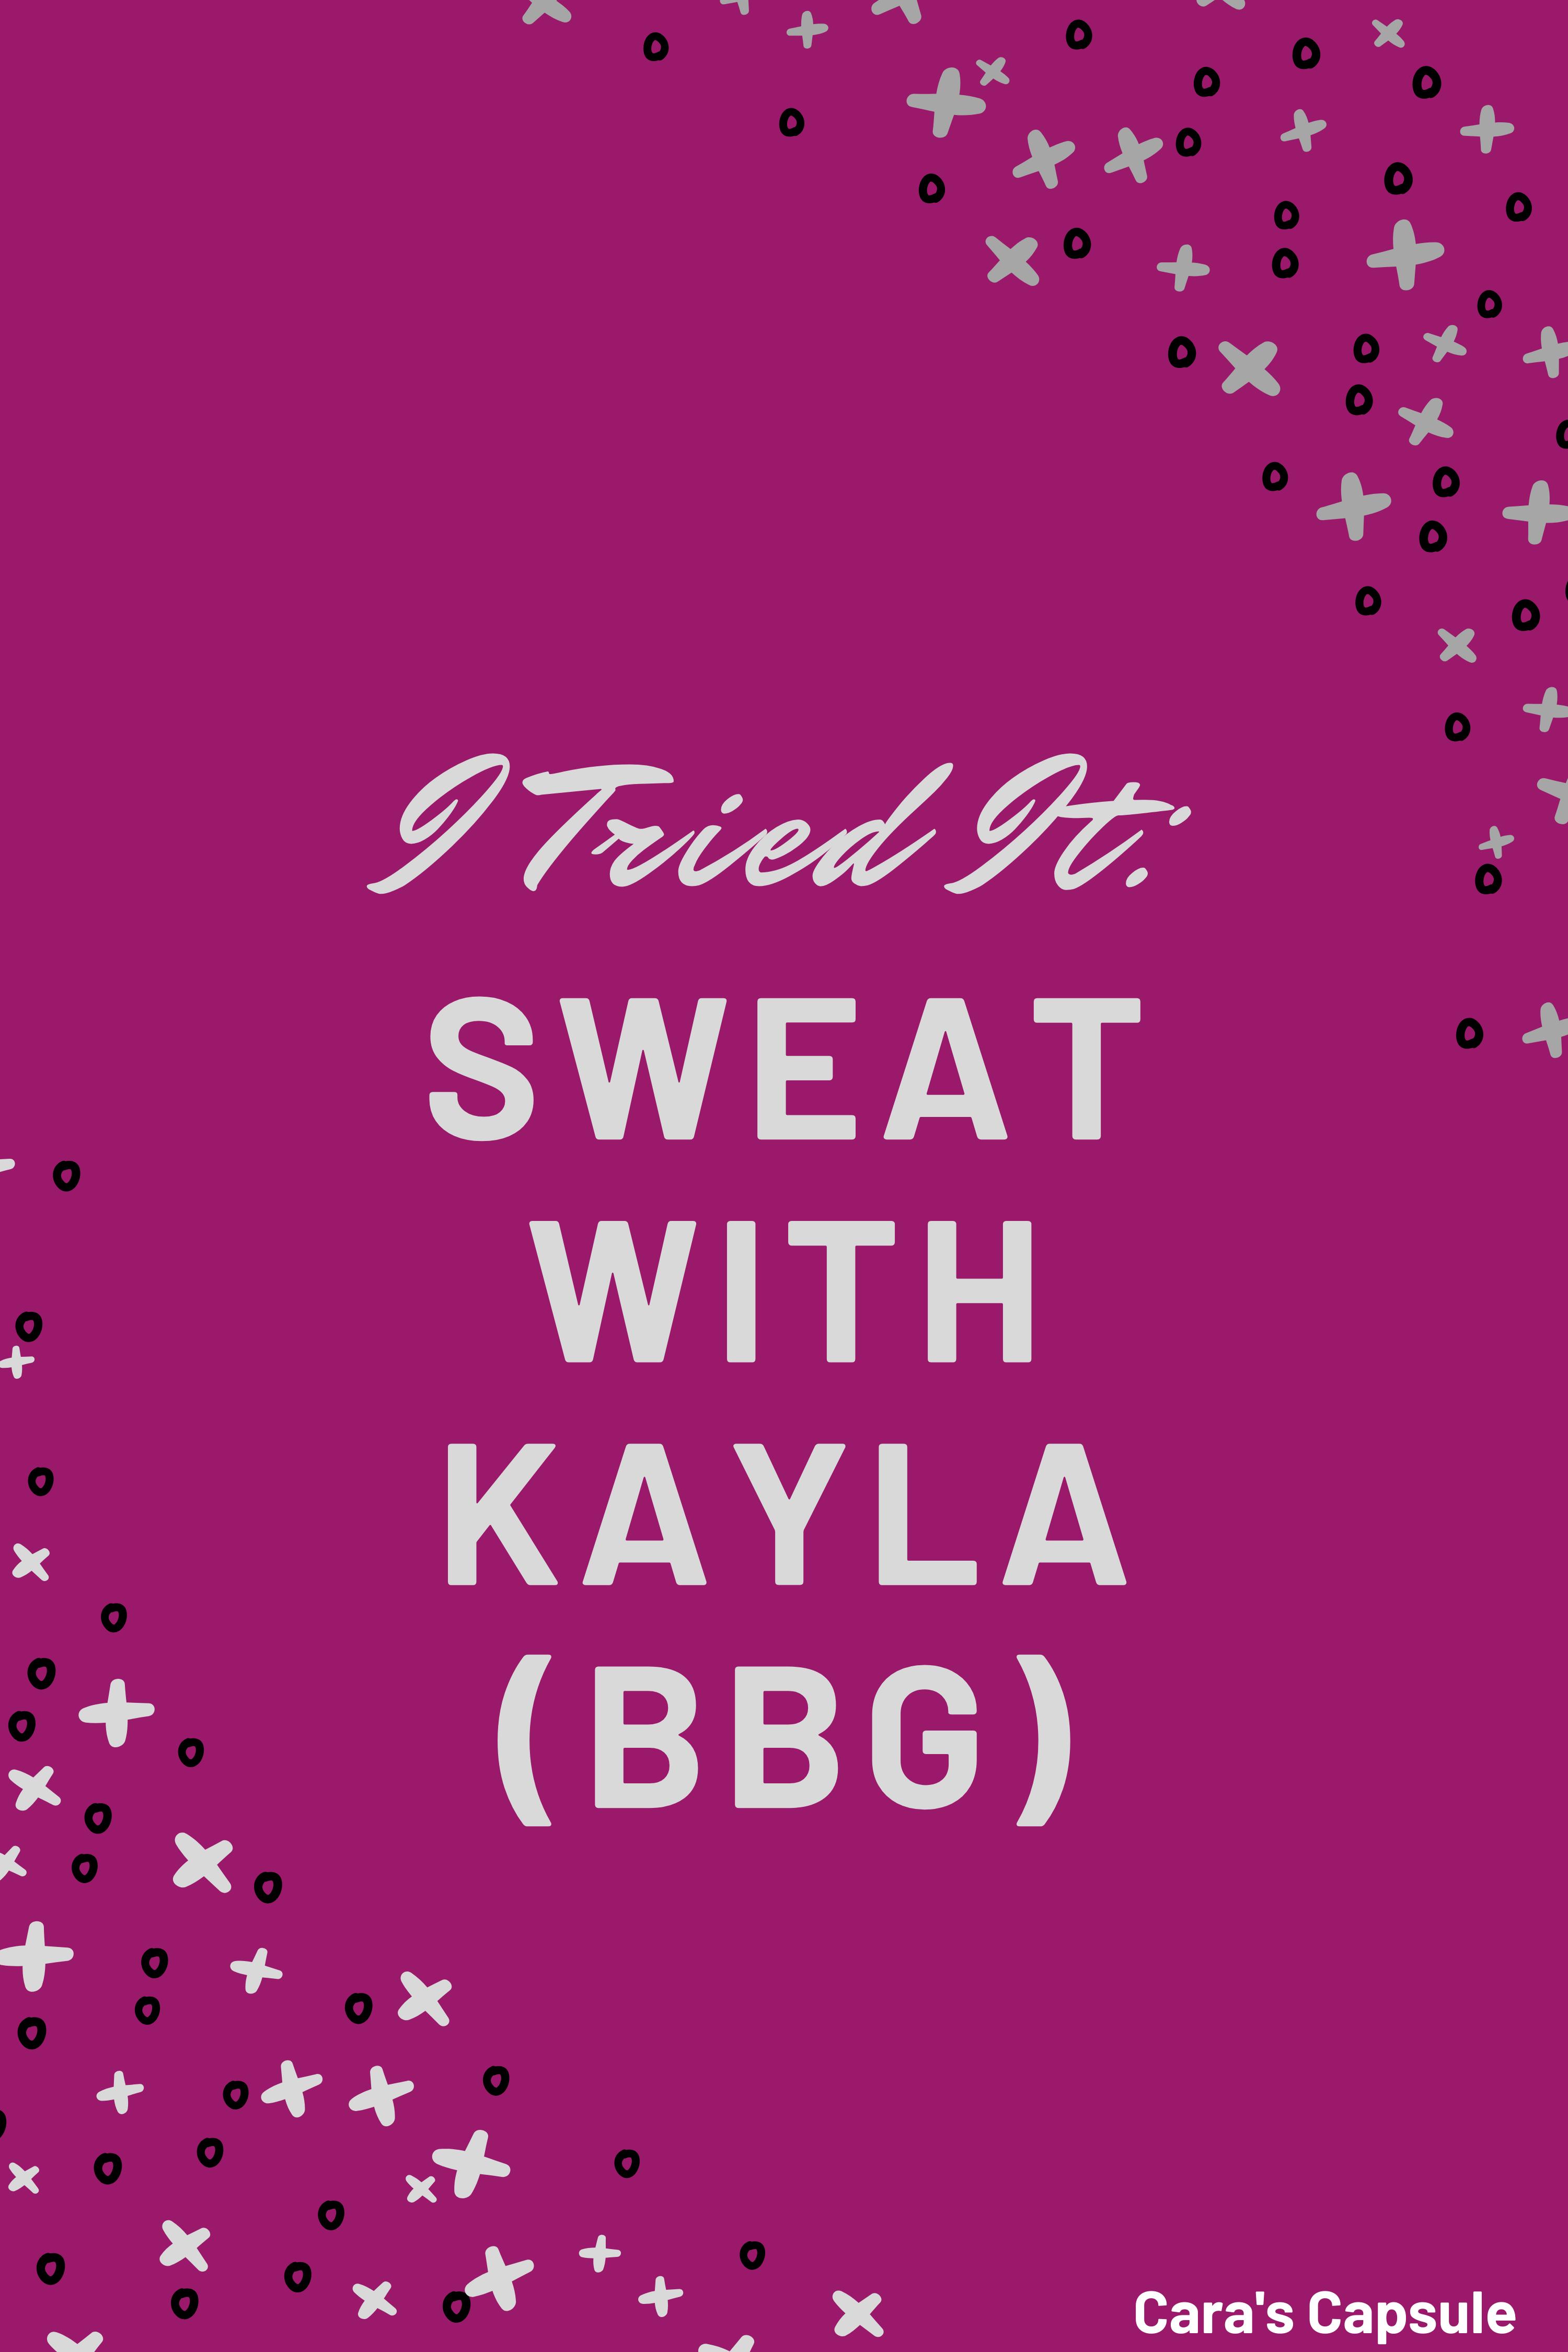 I tried it: Sweat with kayla (BBG)